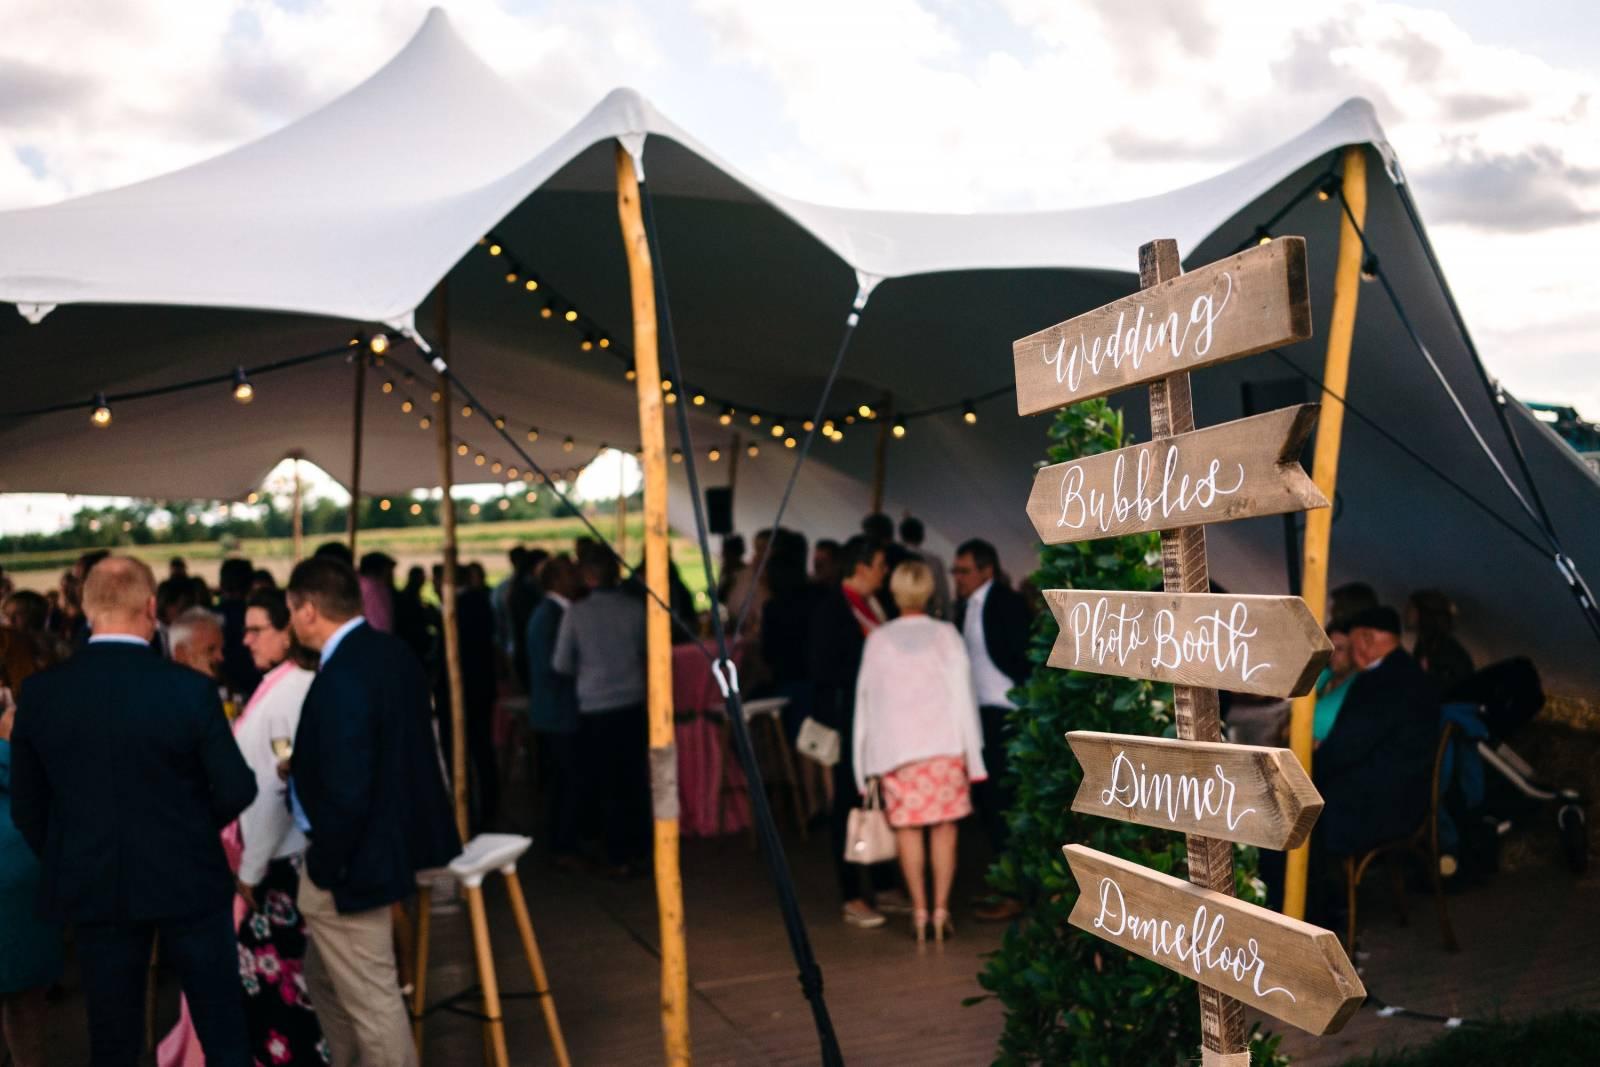 Altiro Tenten - Wedding Tent - Feesttent - Huwelijk trouw bruiloft - House of Weddings - 6